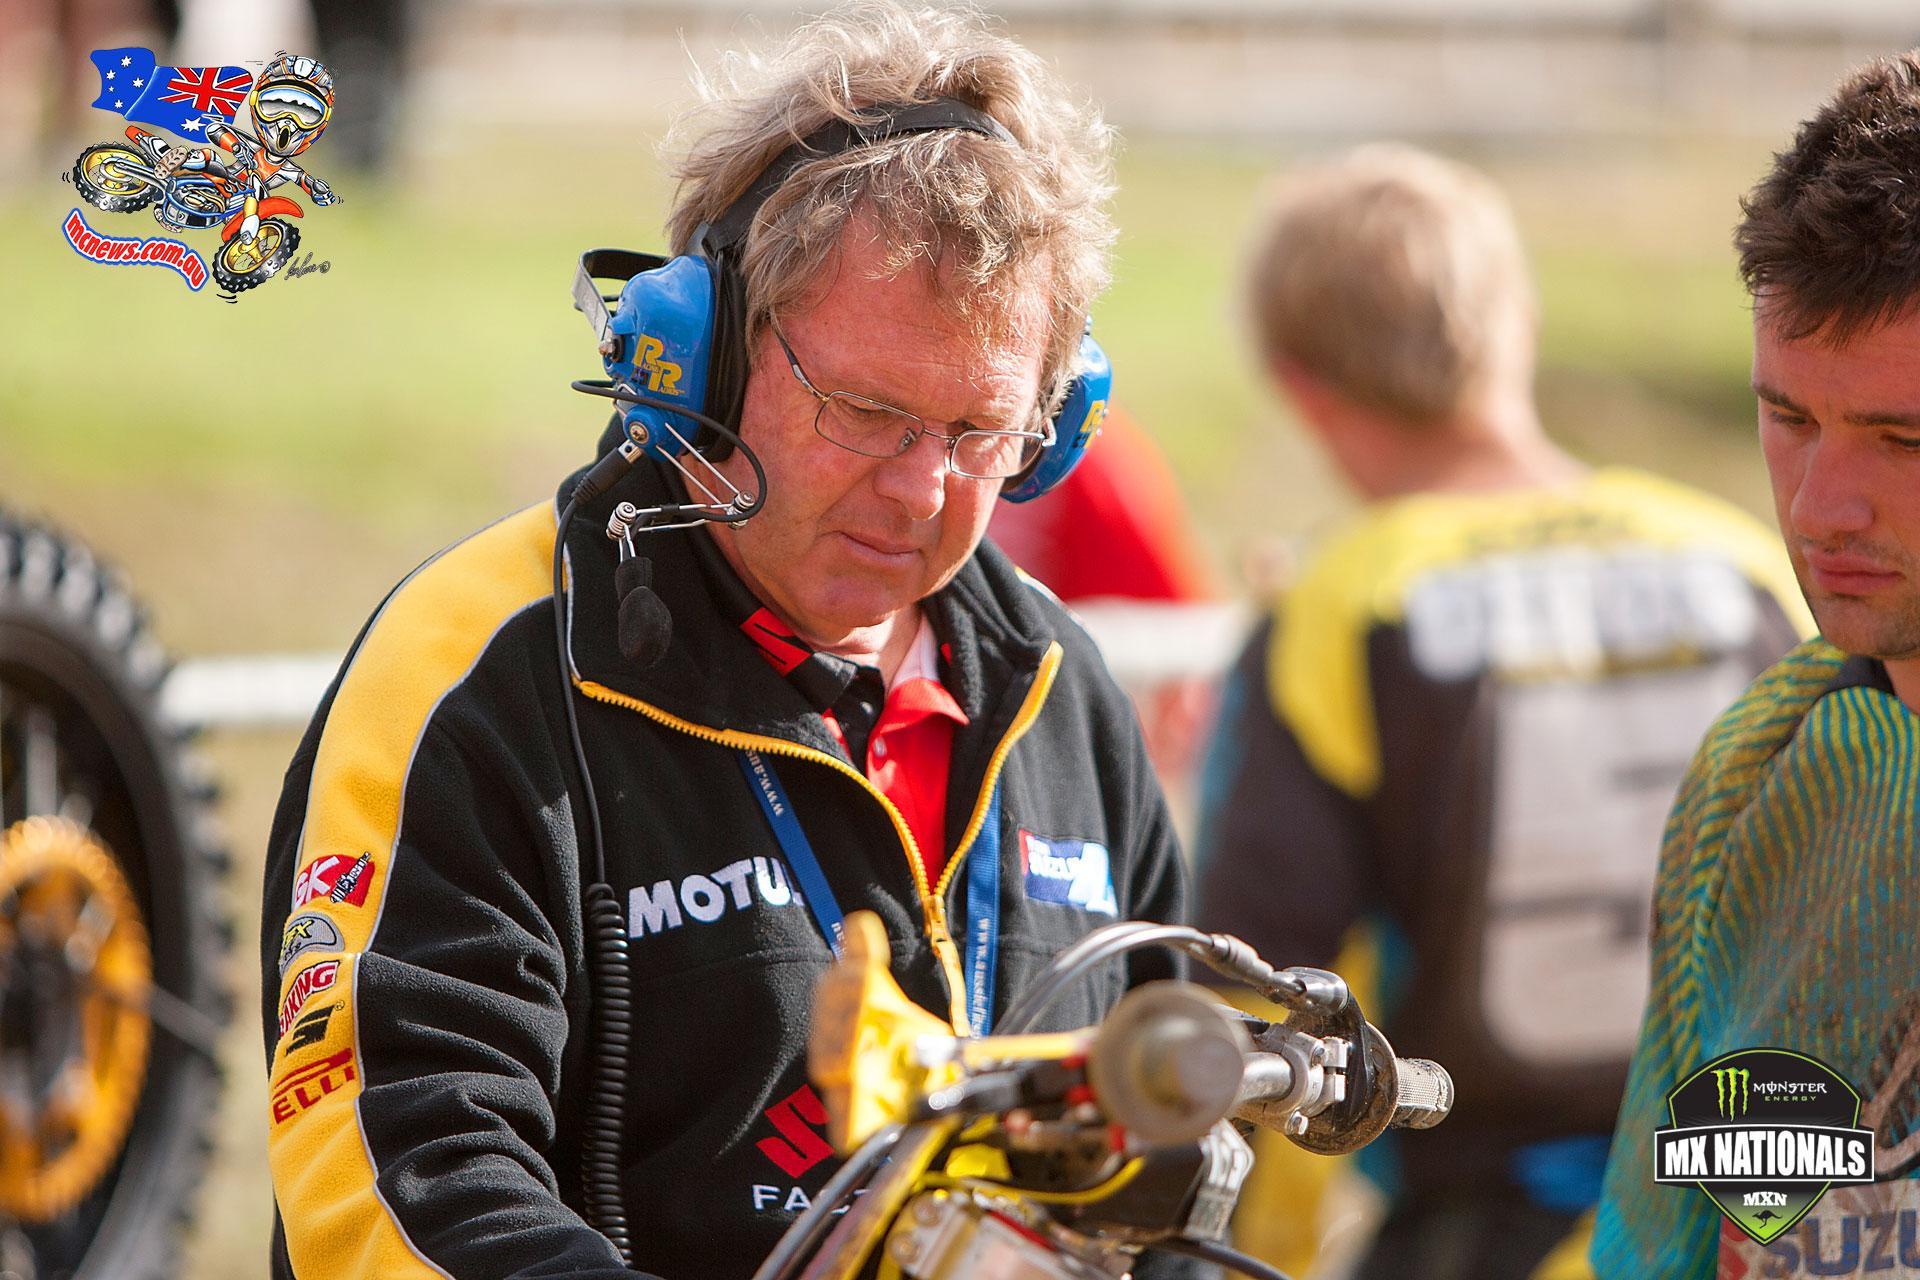 Jay Foreman – Motul Pirelli Suzuki